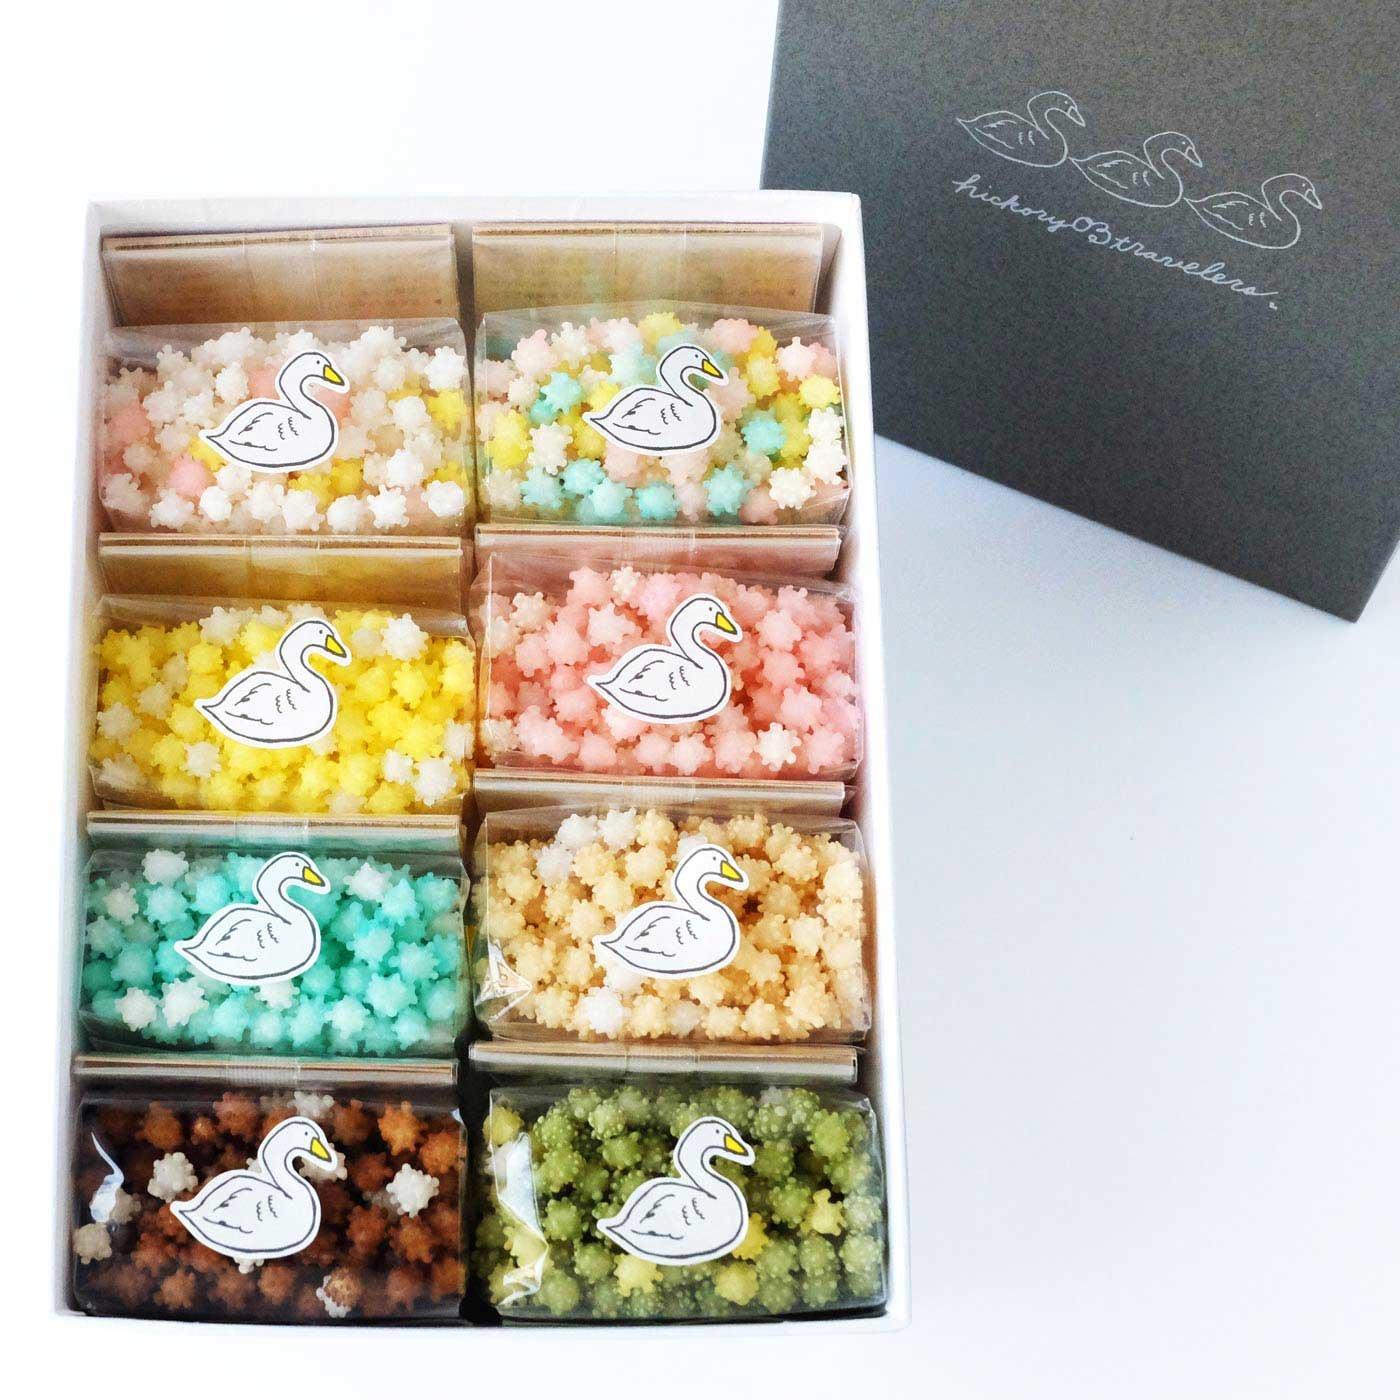 飲みものに浮かべる!? 新潟で115年続く かわいい伝統菓子「浮き星」8種類ギフトセット